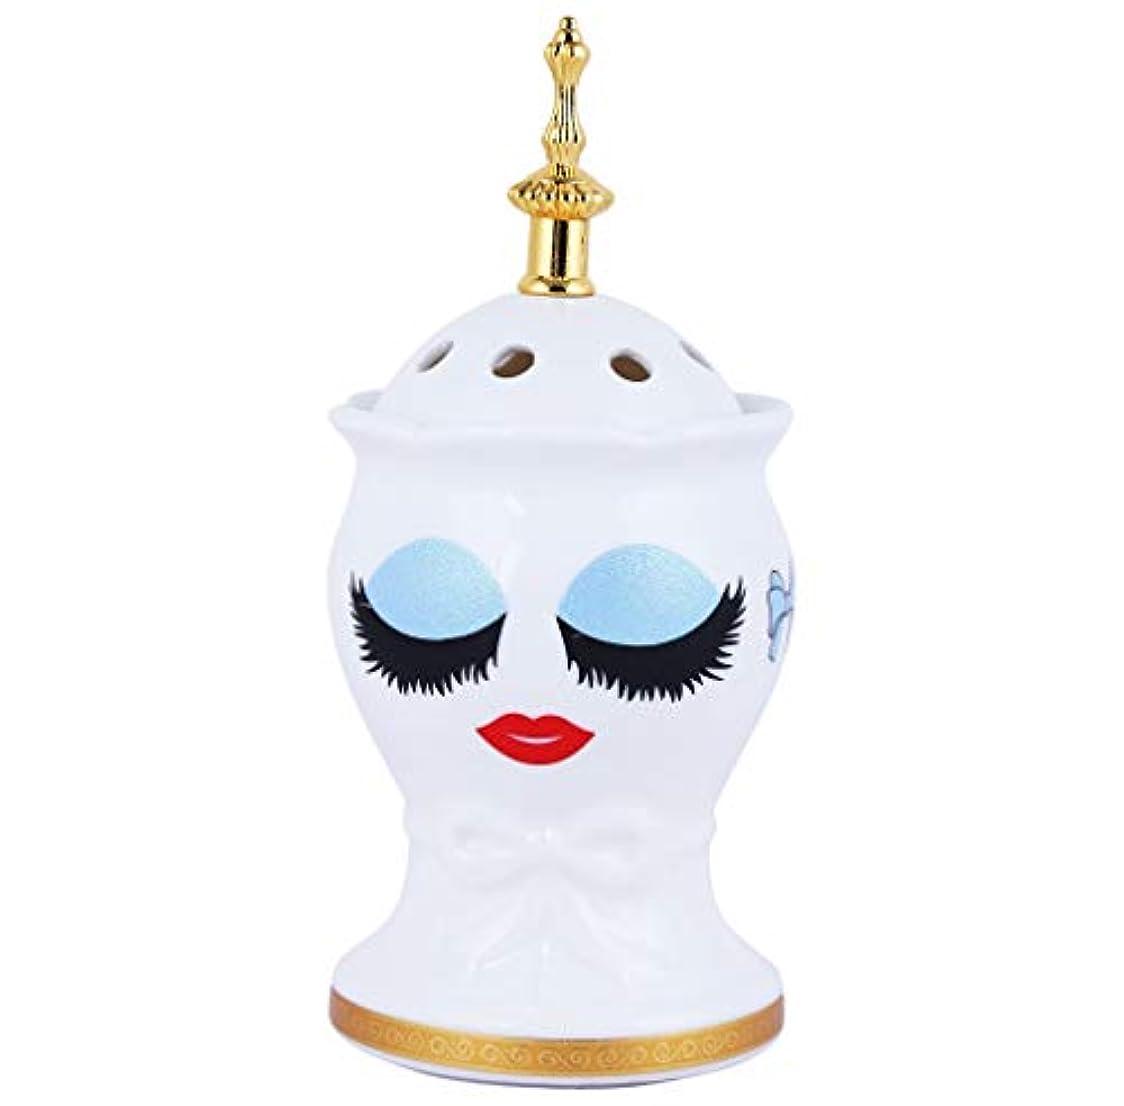 検出ジャニス首相Beautiful Ceramic Incense Bakhoor/Oud Burner Frankincense Incense Holder with Attractive Eyes, Non Electric, Best...